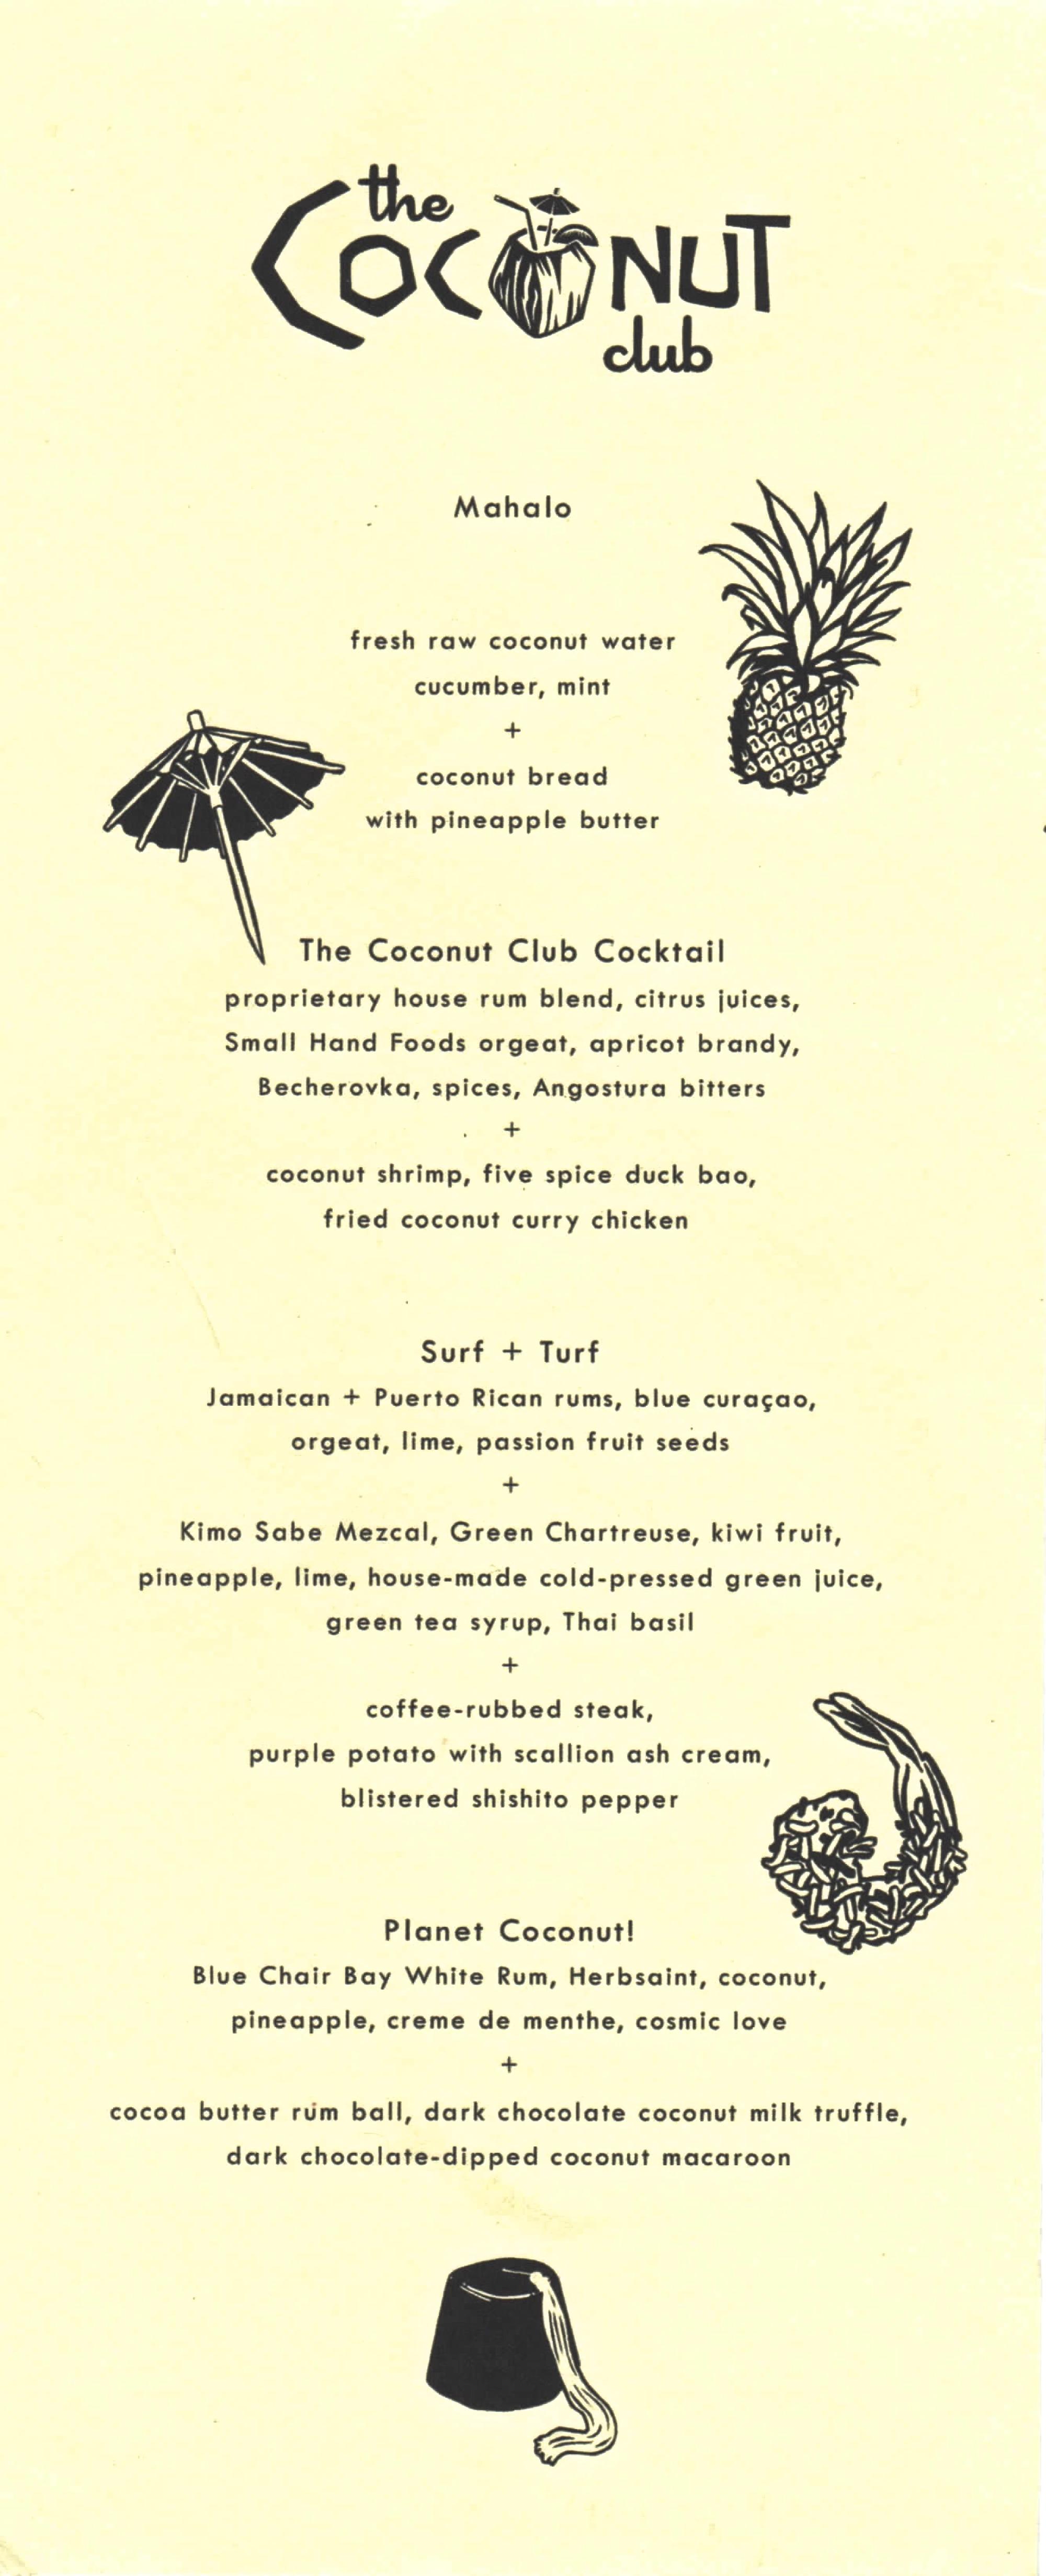 coconut-club-menu.jpg